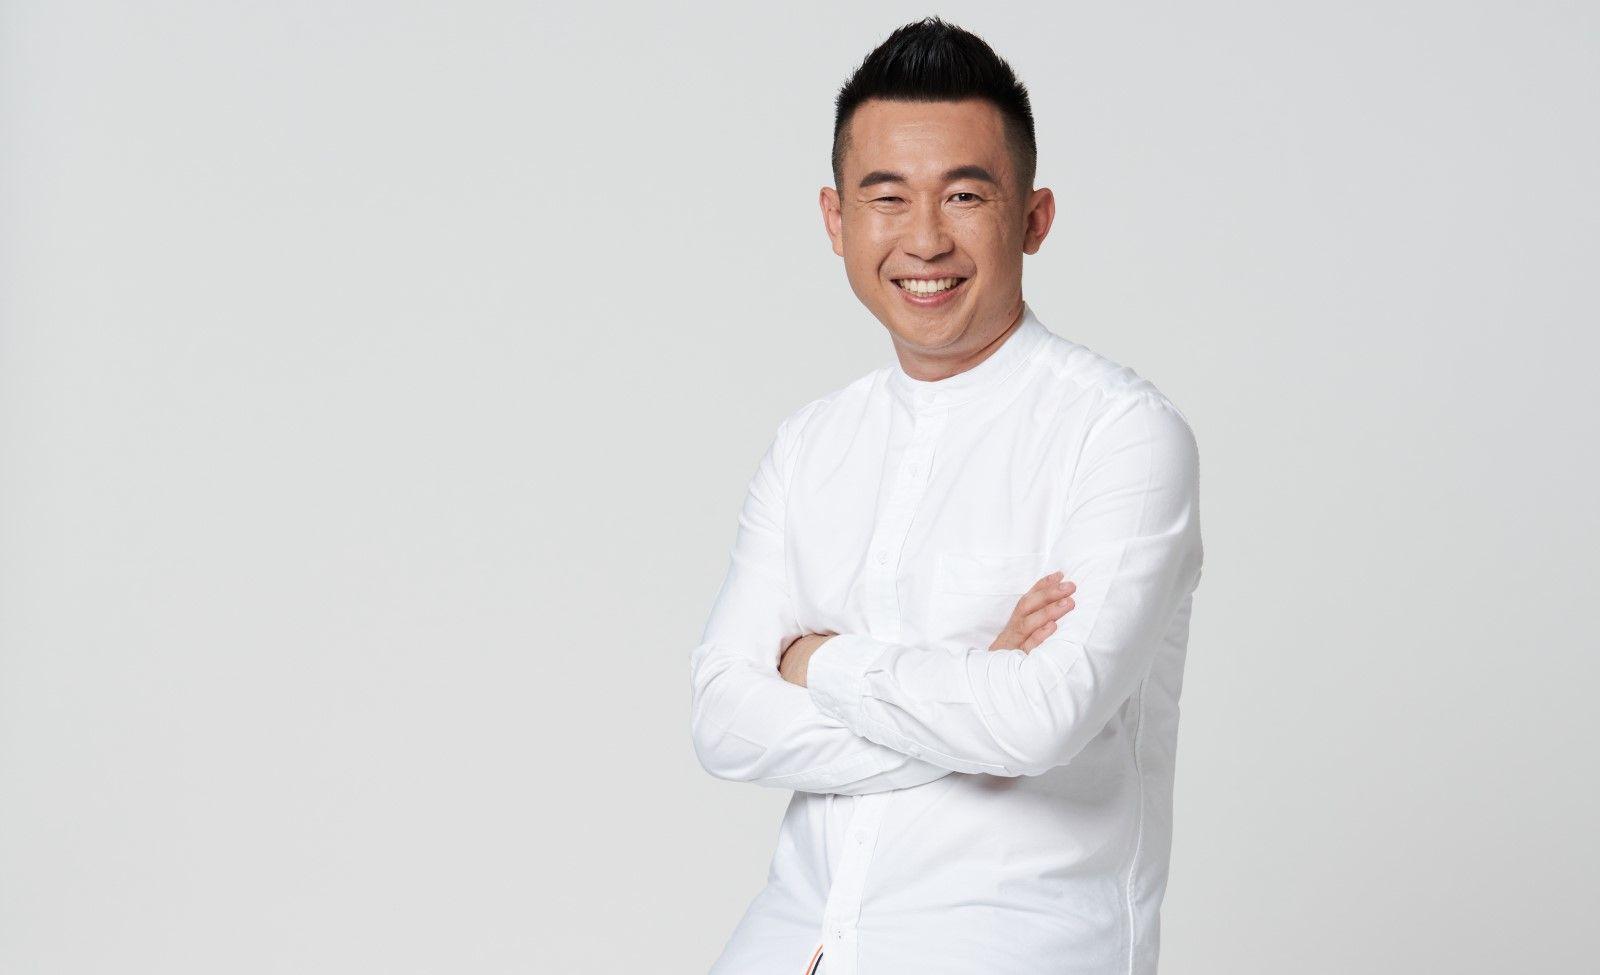 CK Chang, founder of Oxwhite (Photo: Oxwhite)